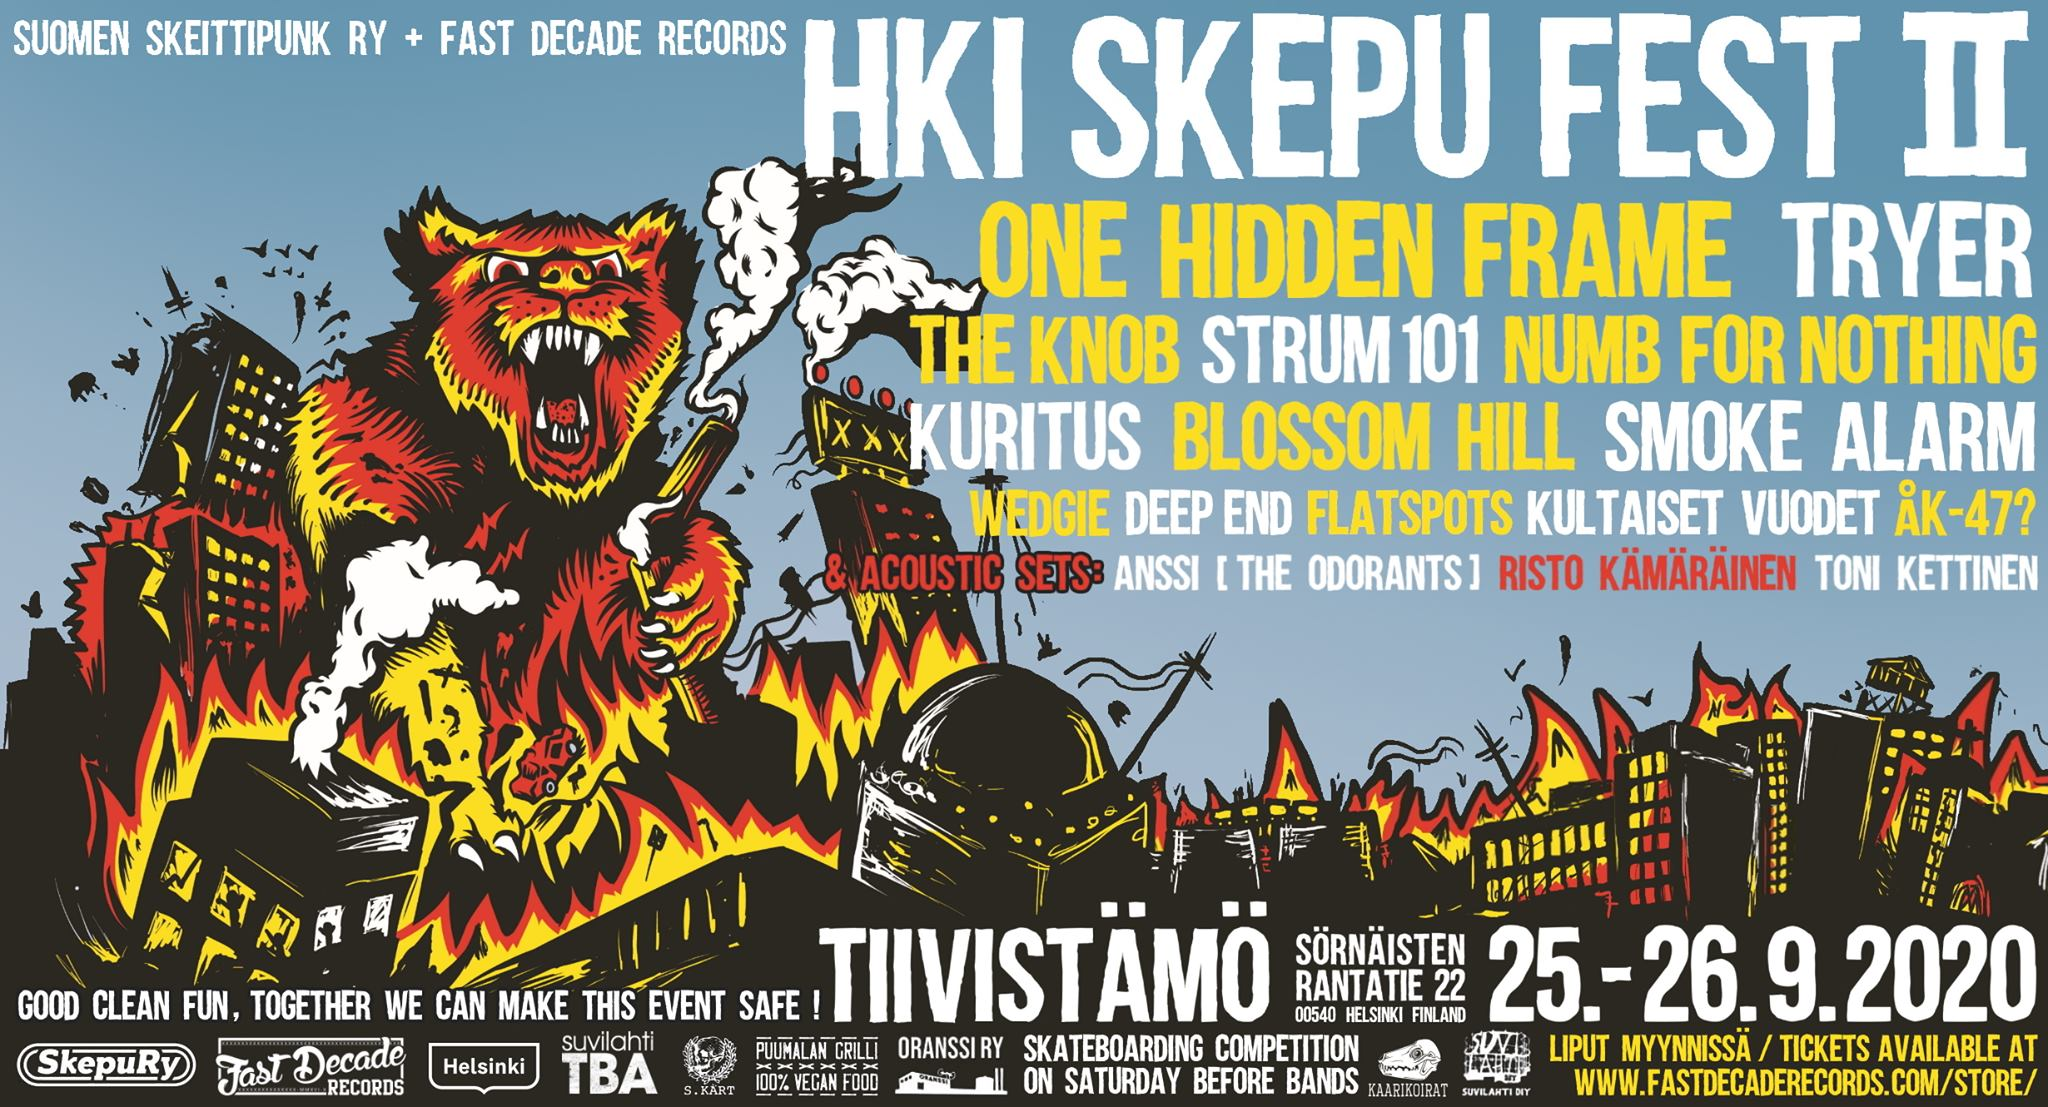 Link to event HKI SKEPU FEST II